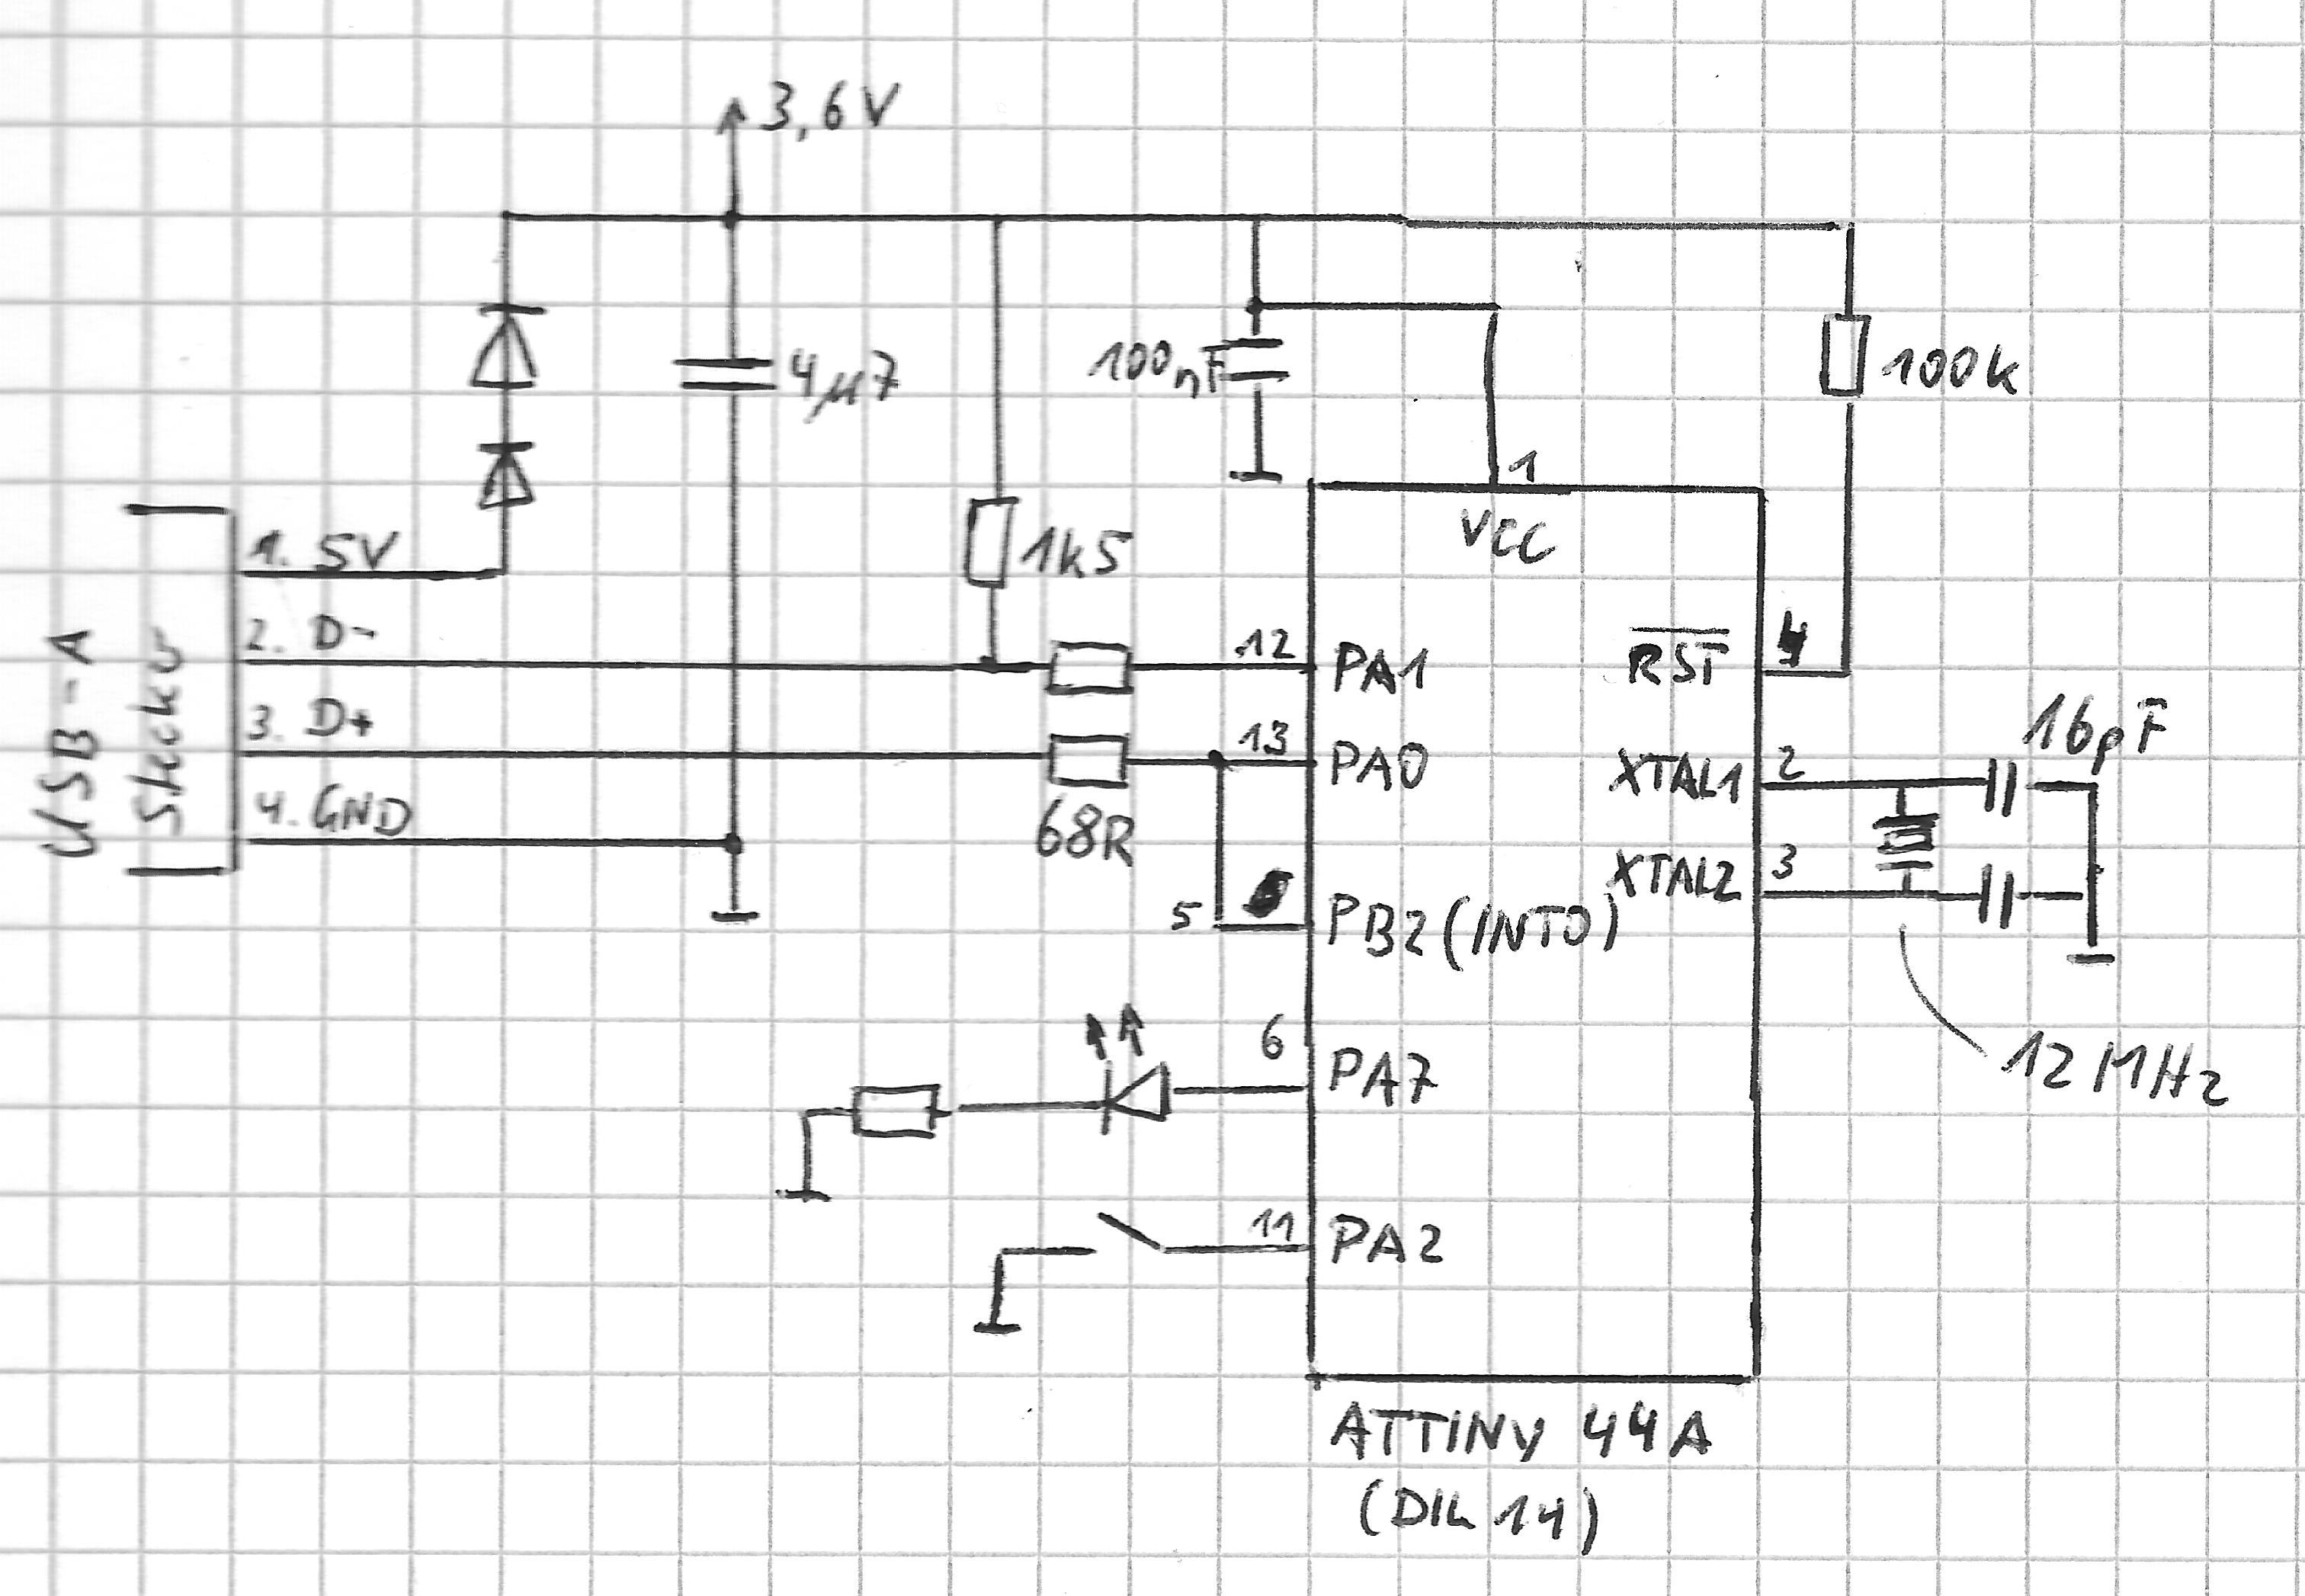 Wunderbar Usb 2 0 Schaltplan Galerie - Elektrische Schaltplan-Ideen ...